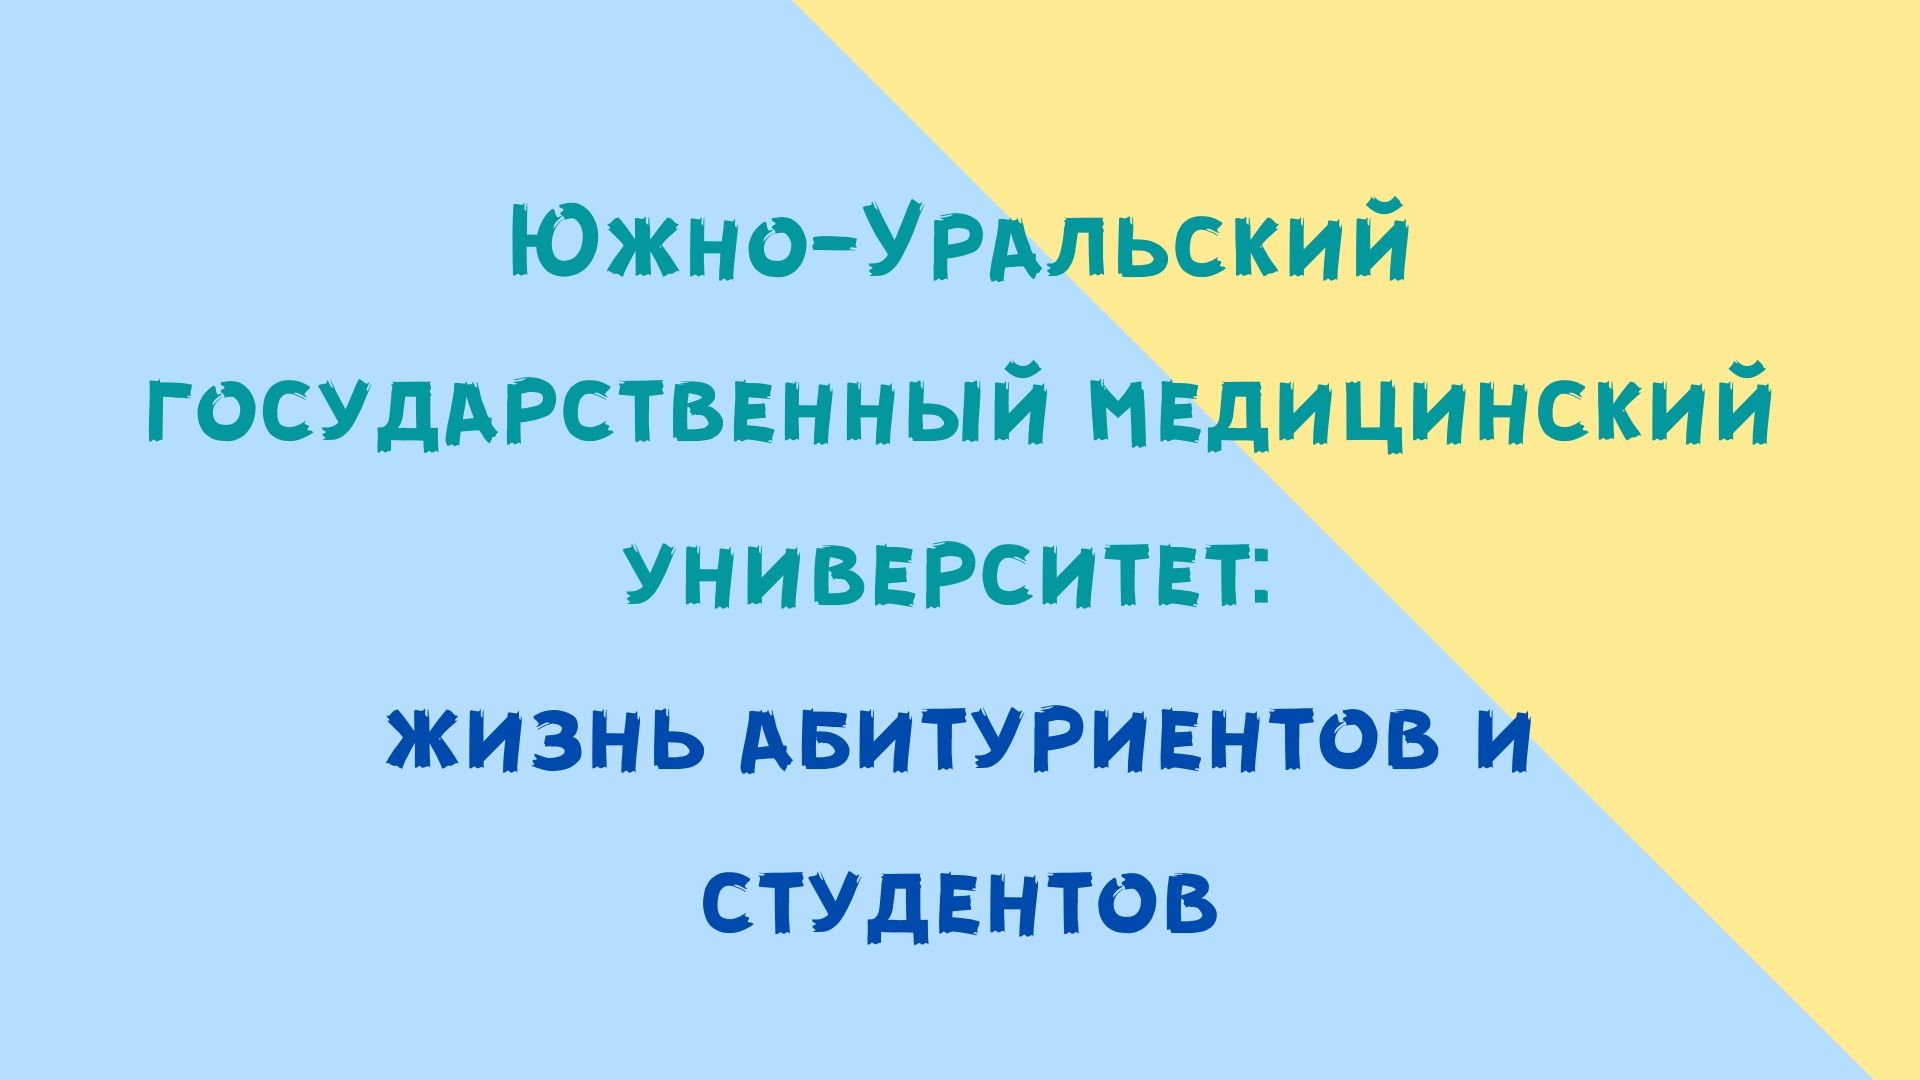 Южно-Уральский государственный медицинский университет: жизнь абитуриентов и студентов